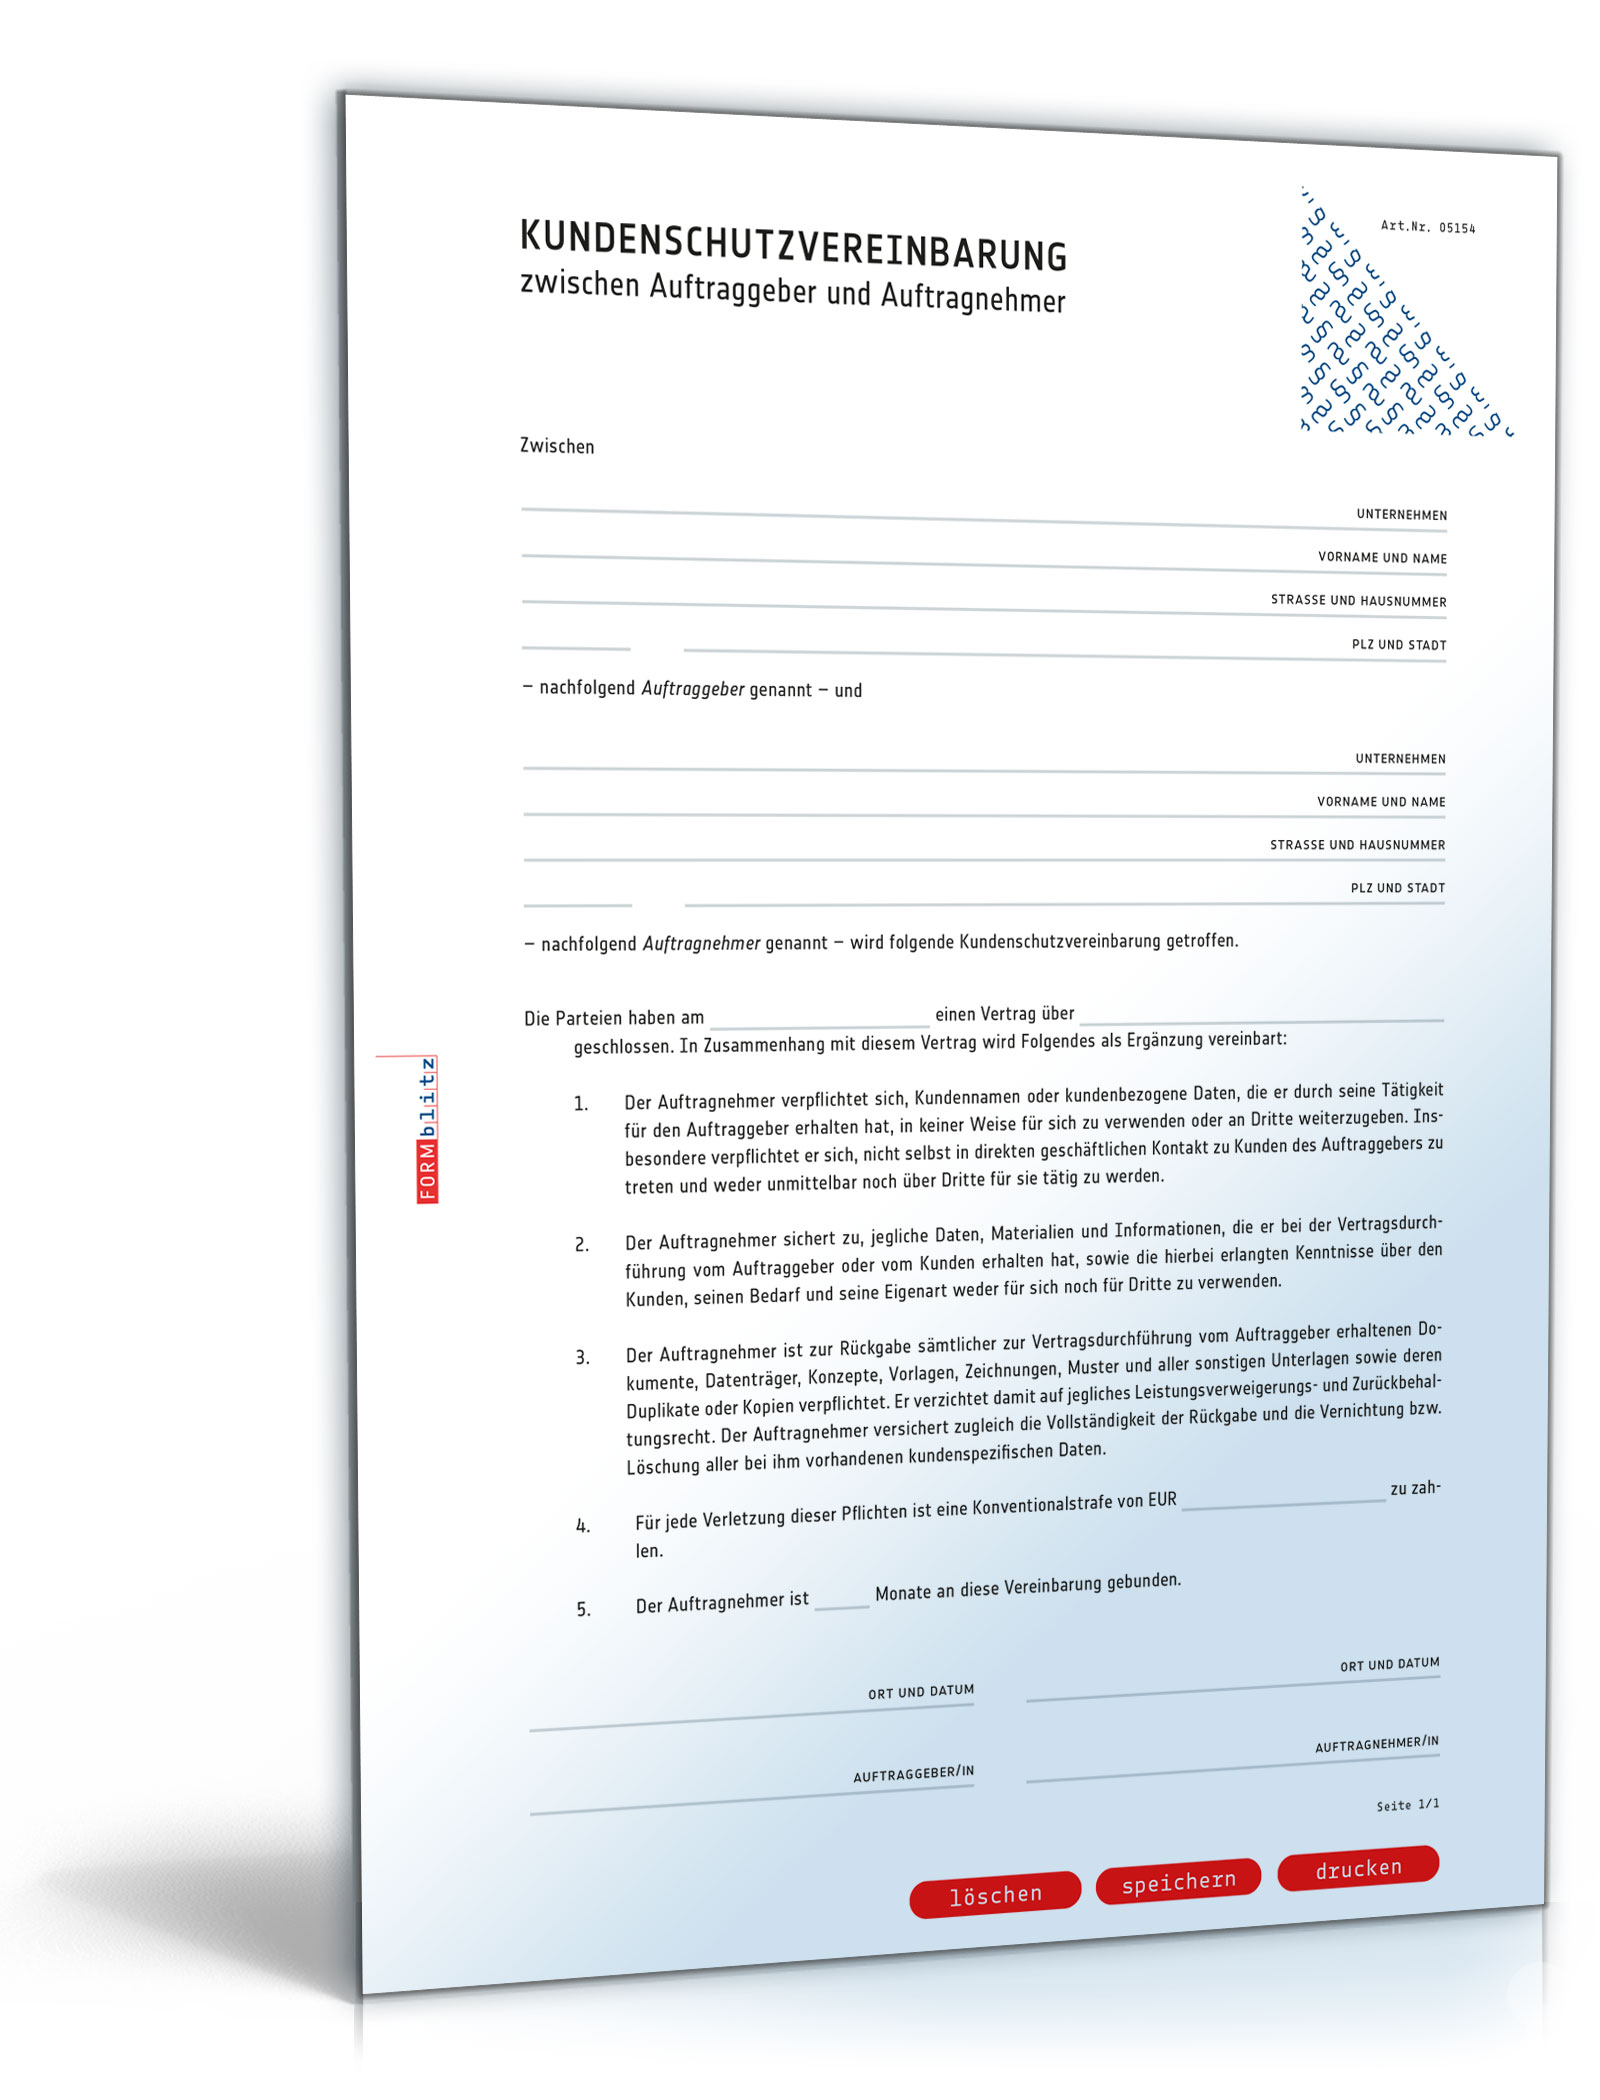 Kundenschutzvereinbarung